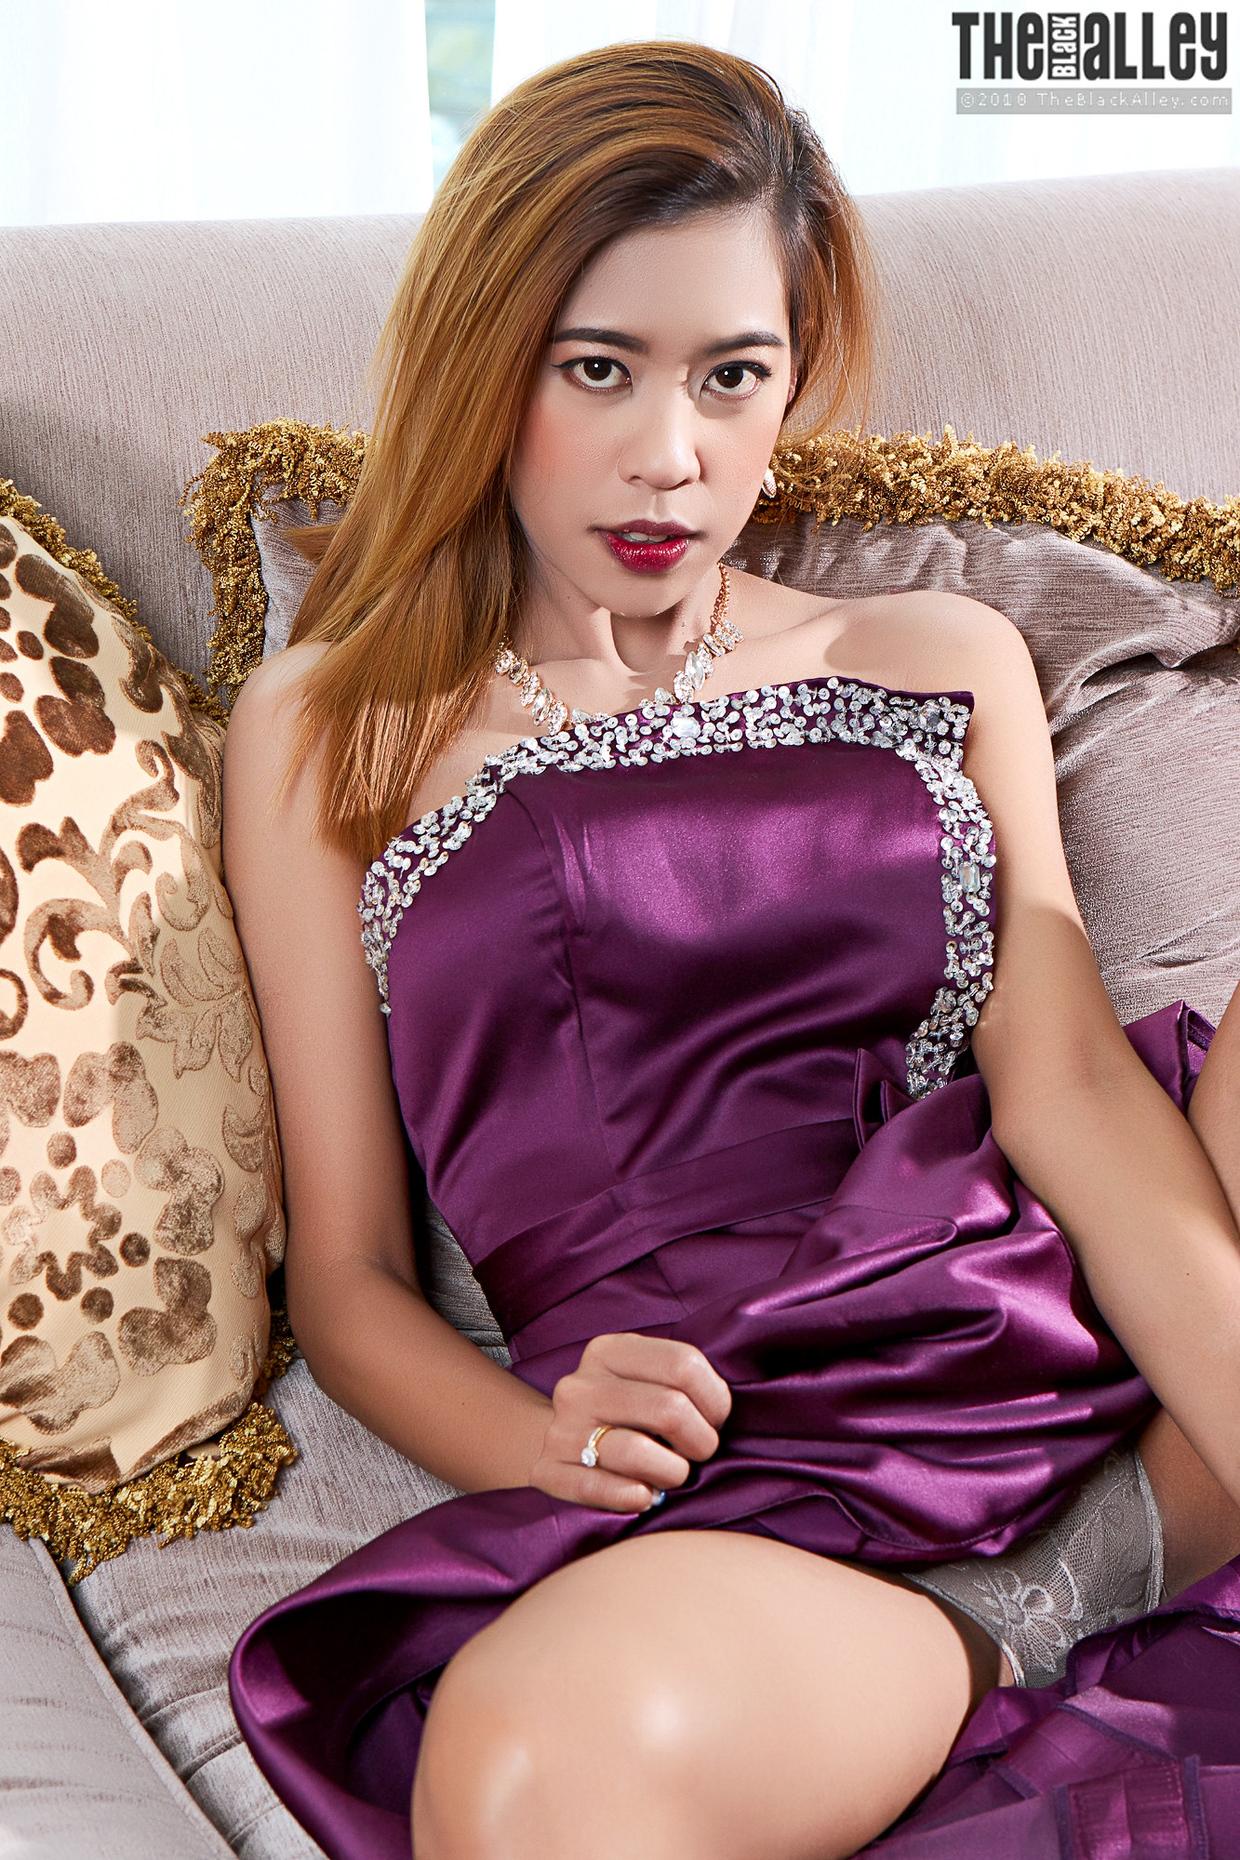 Ázsiai lányról meztelen pornó képek 77131690